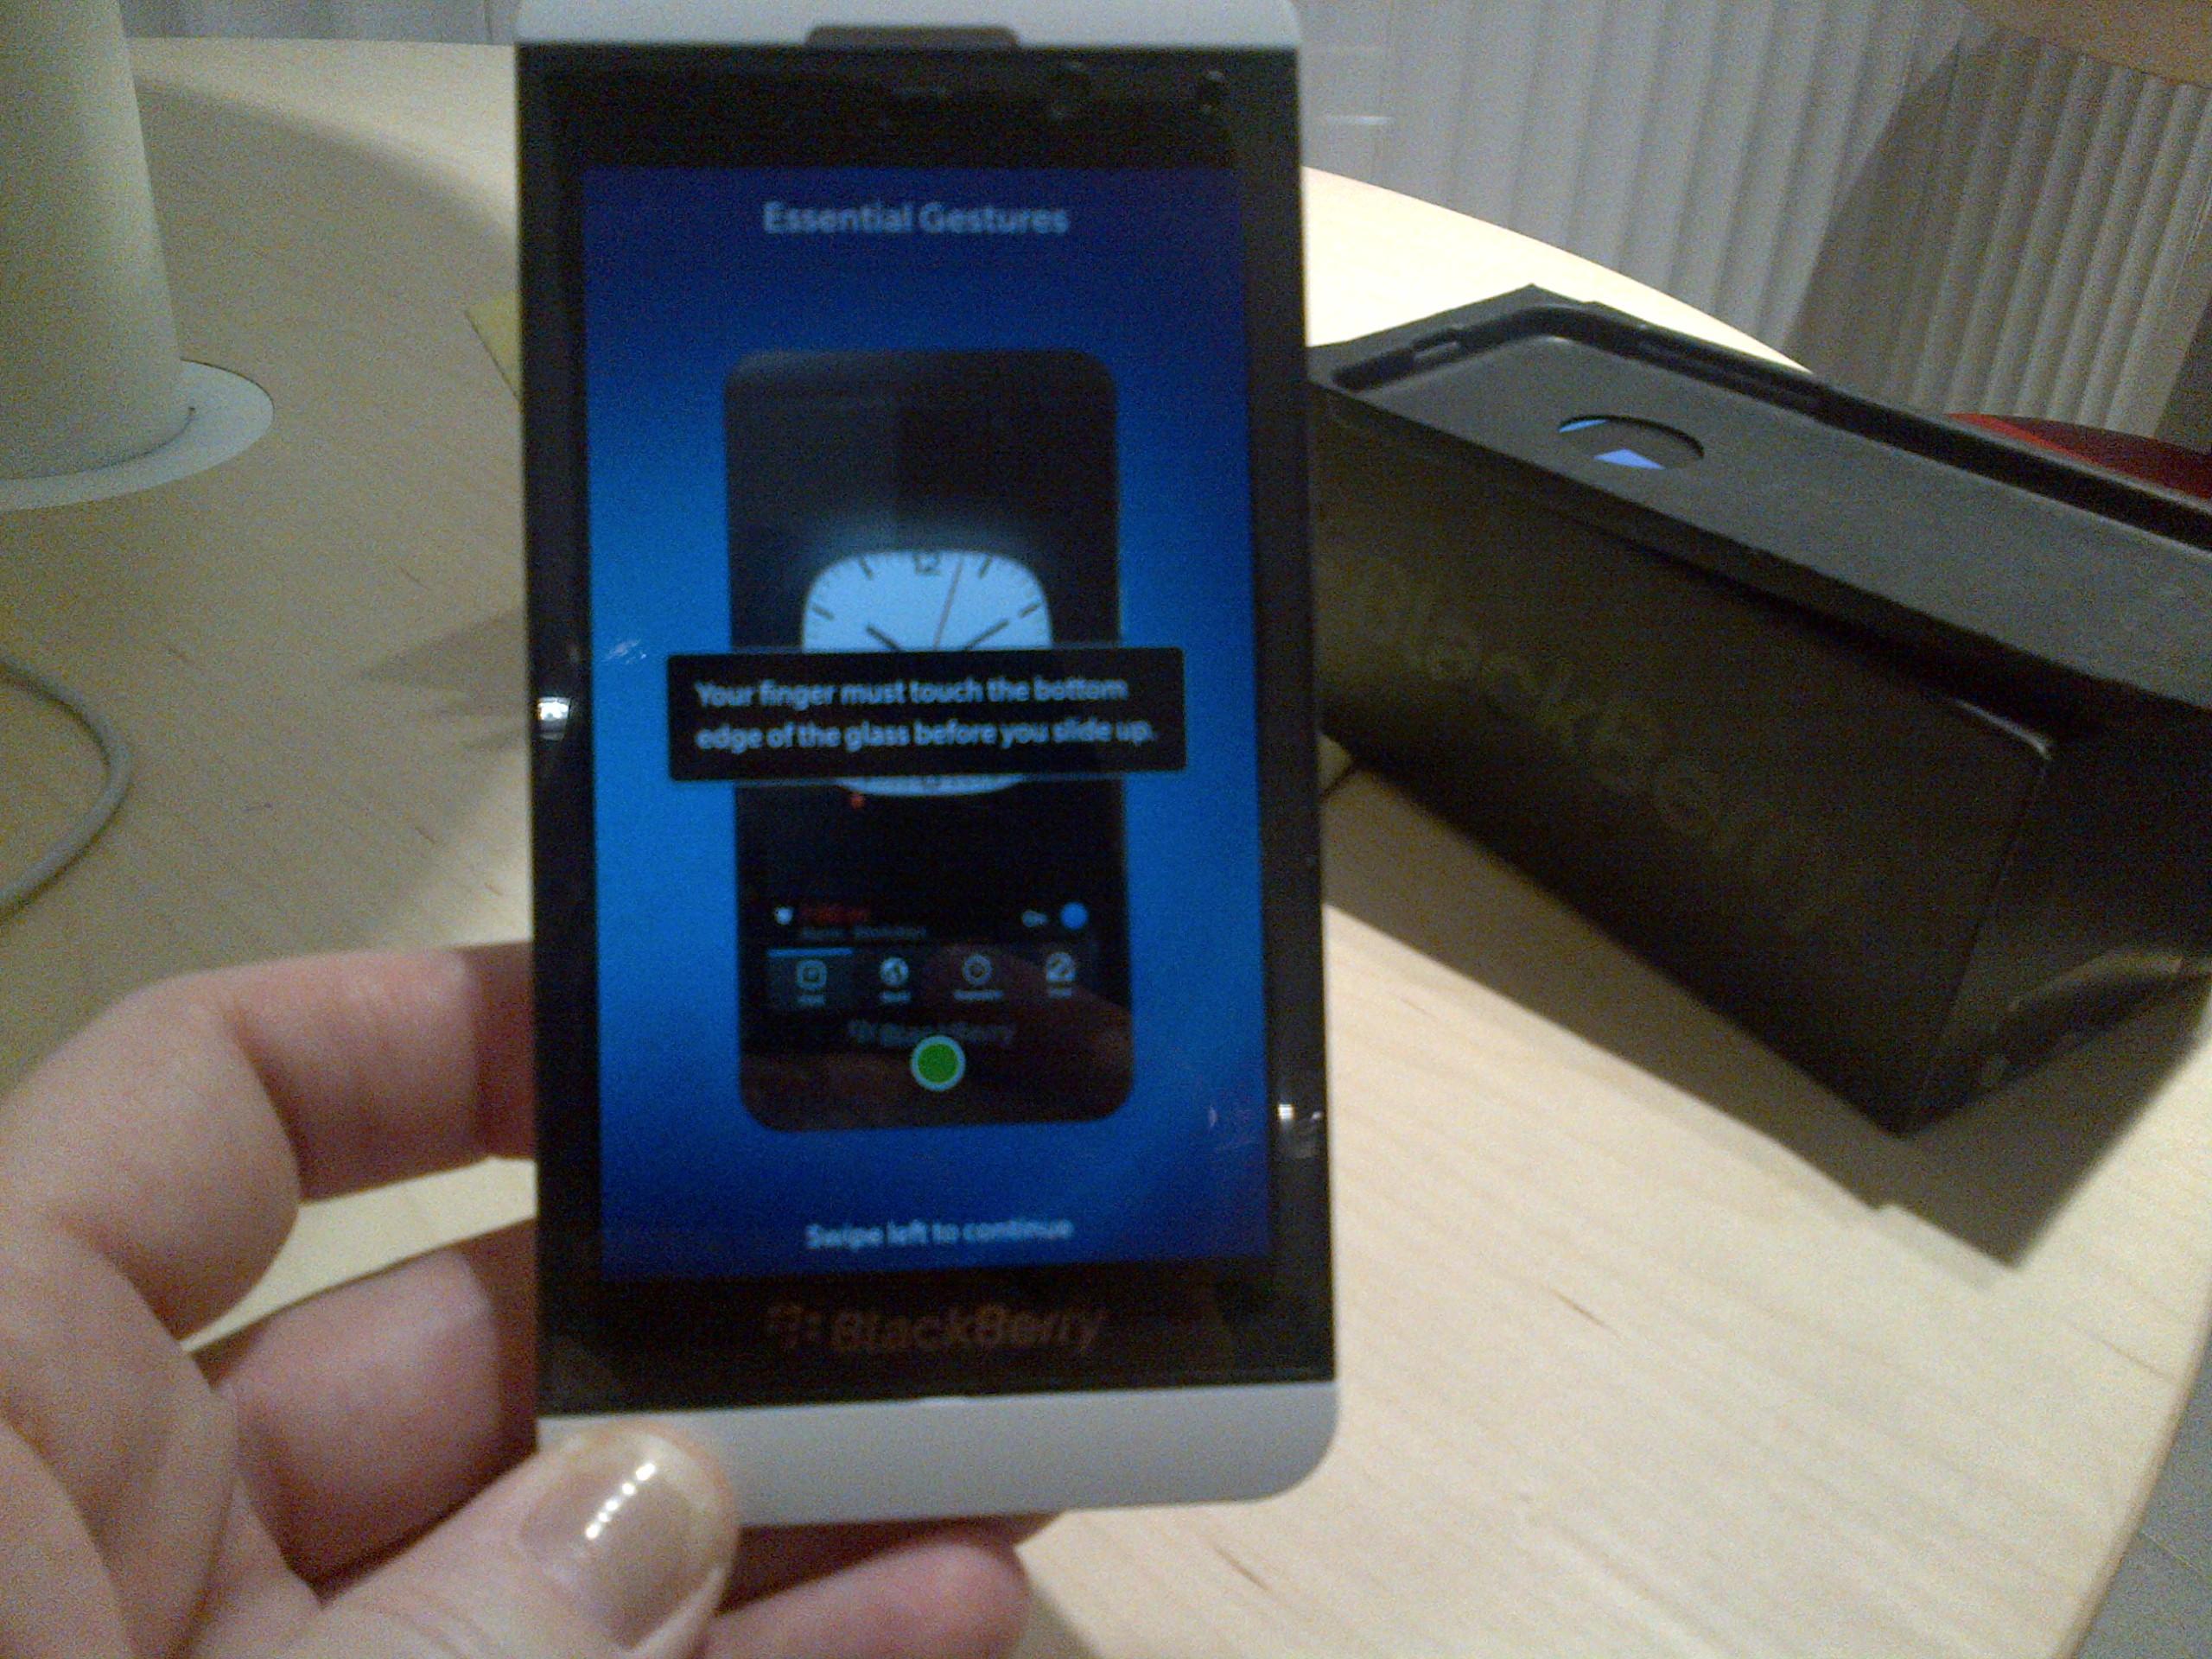 blackberry z10 manual software update